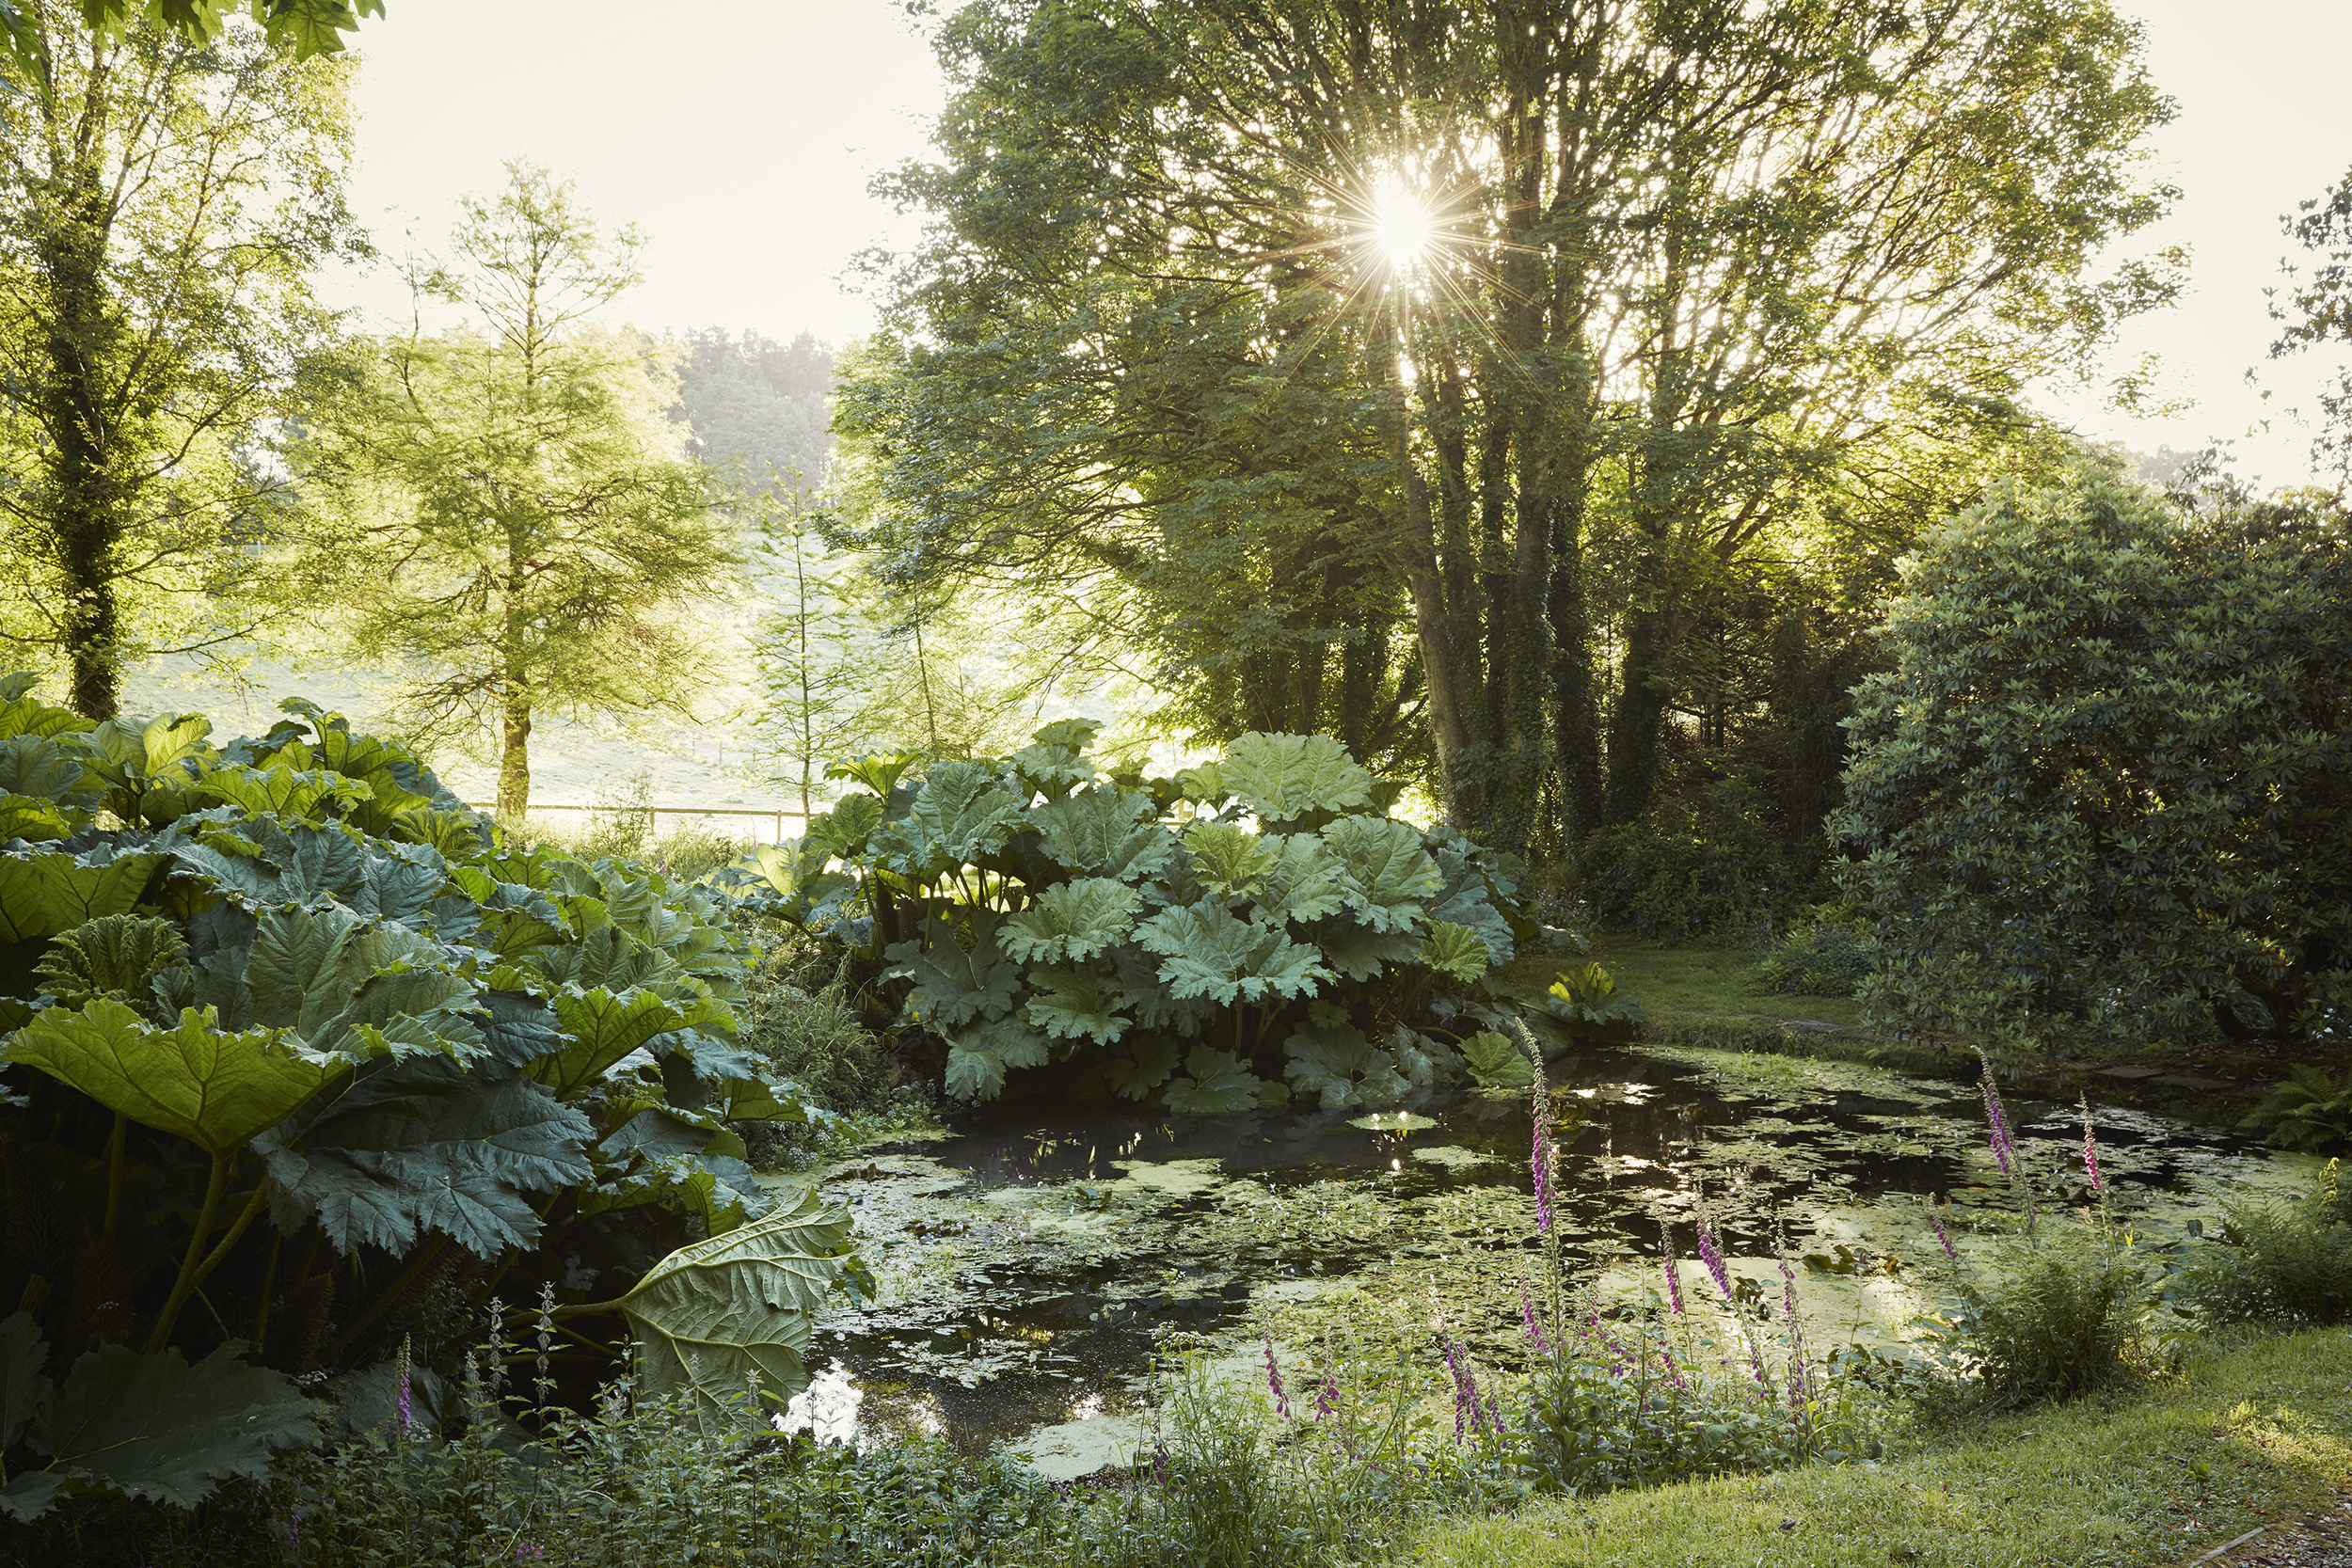 Mothecombe Garden